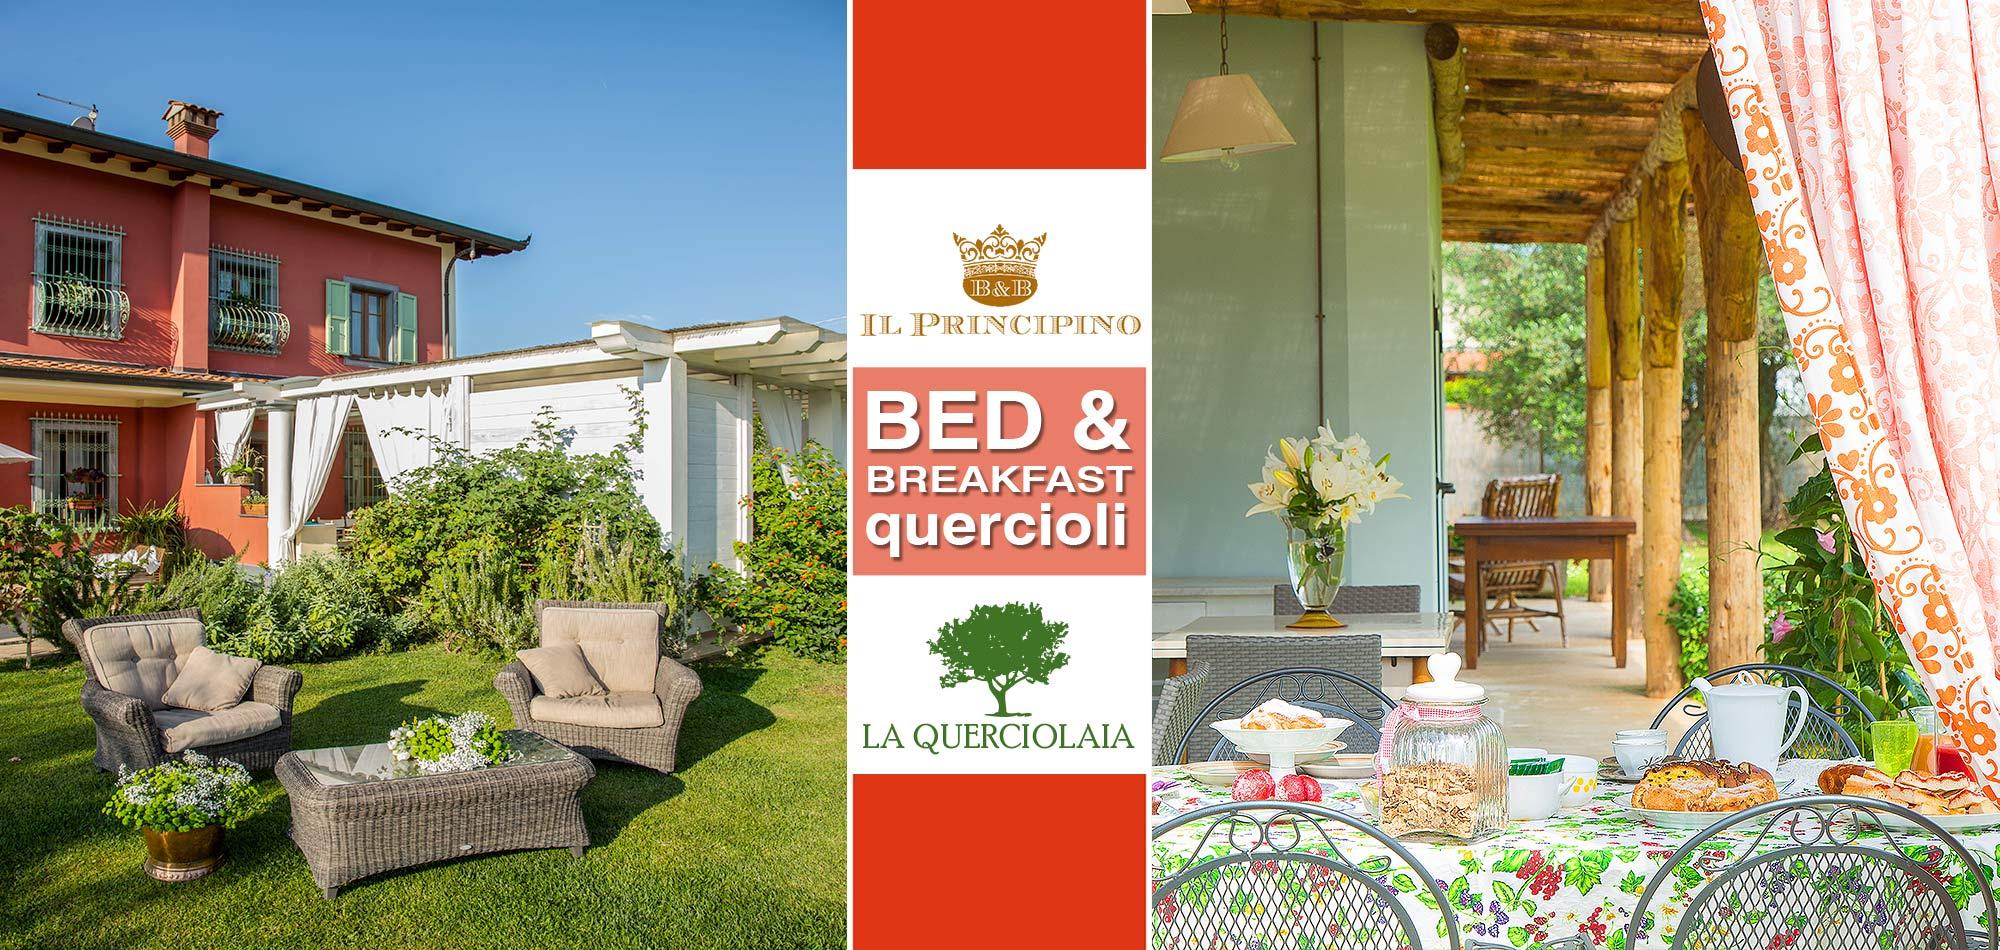 Bed & Breakfast quercioli Il Principino e la Querciolaia